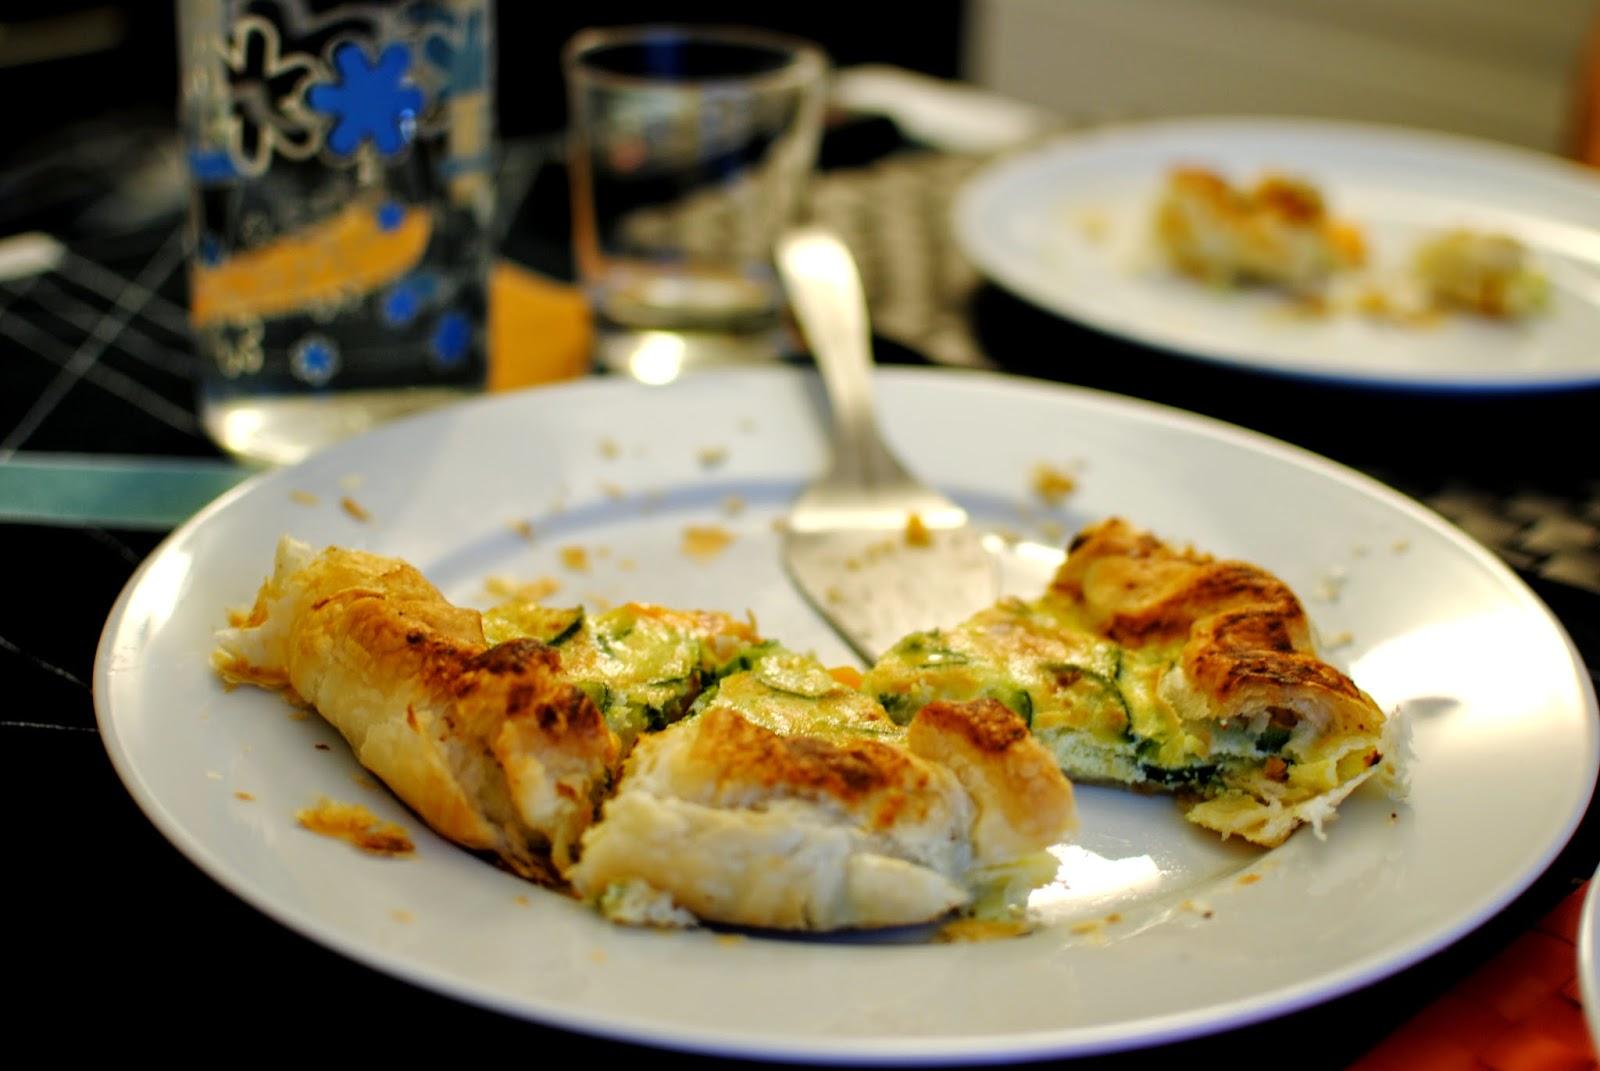 ricetta express: torta salata di zucchine e carote